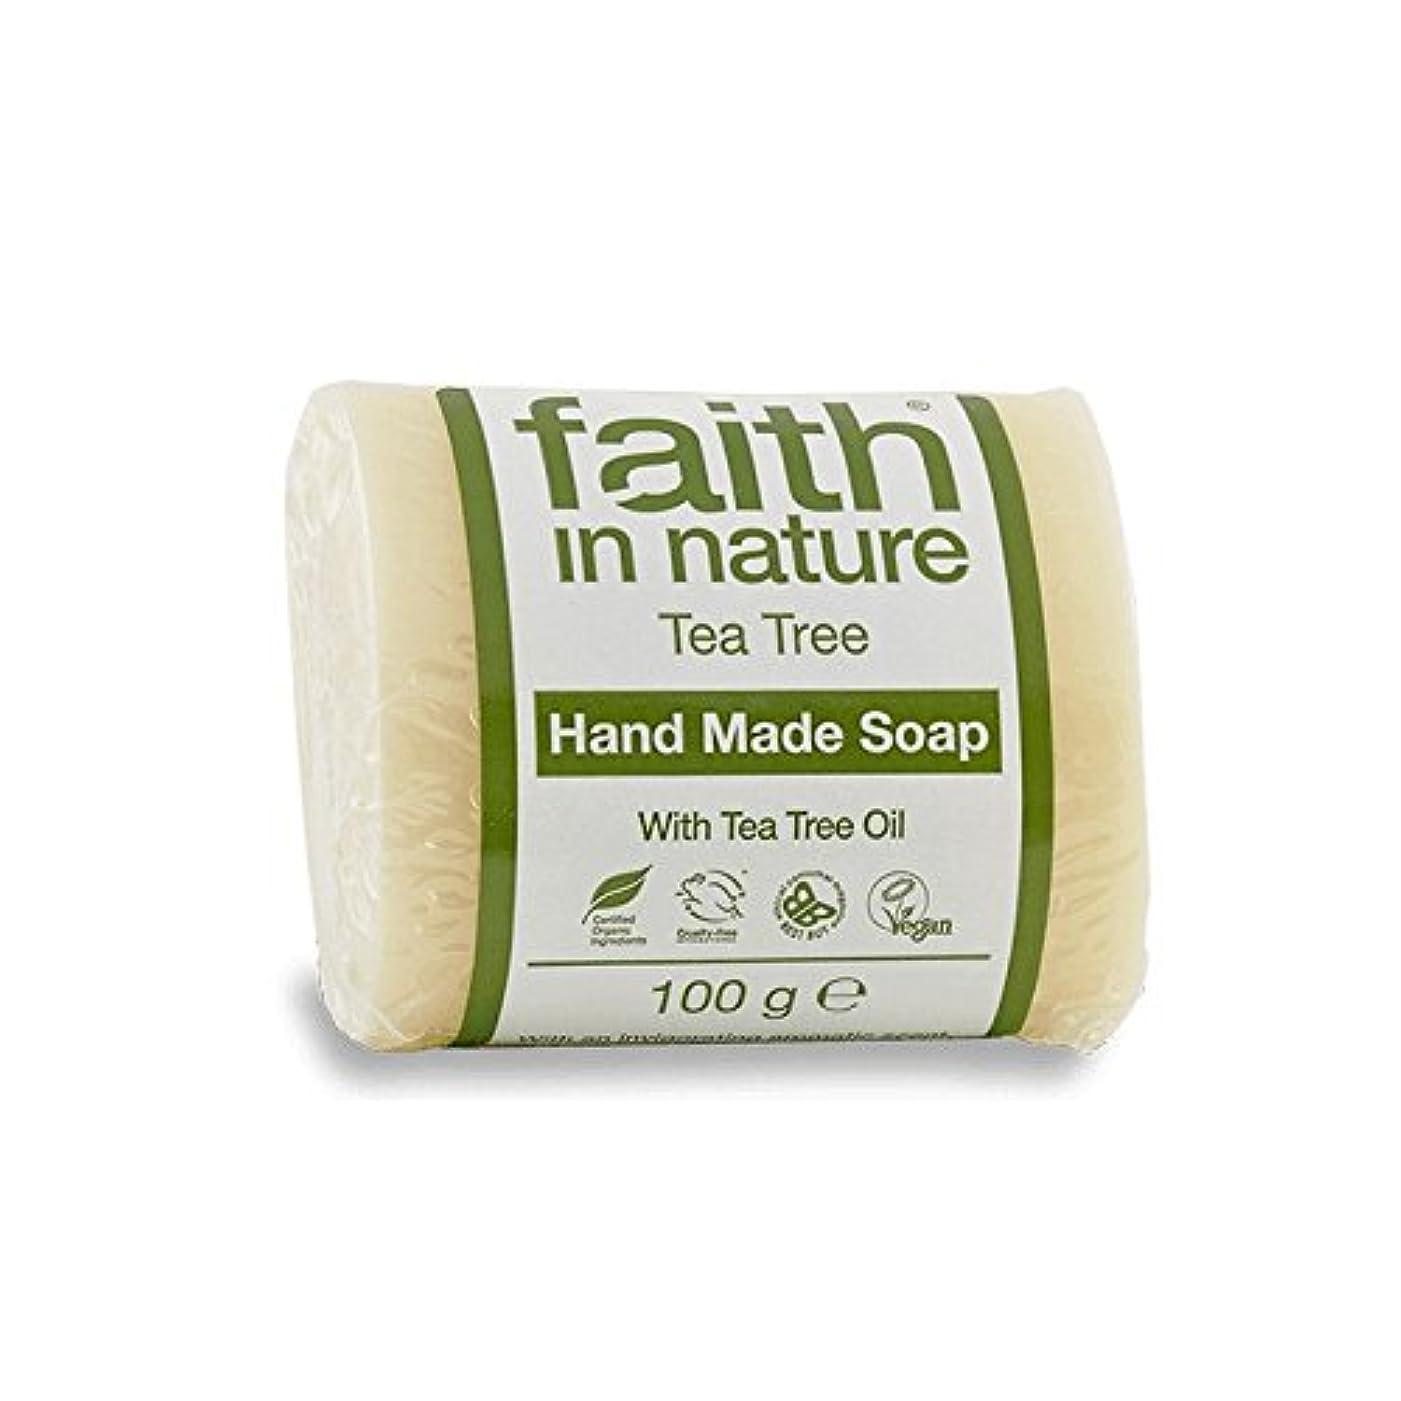 数学者破滅美しい自然のティーツリーソープ100グラムの信仰 - Faith in Nature Tea Tree Soap 100g (Faith in Nature) [並行輸入品]